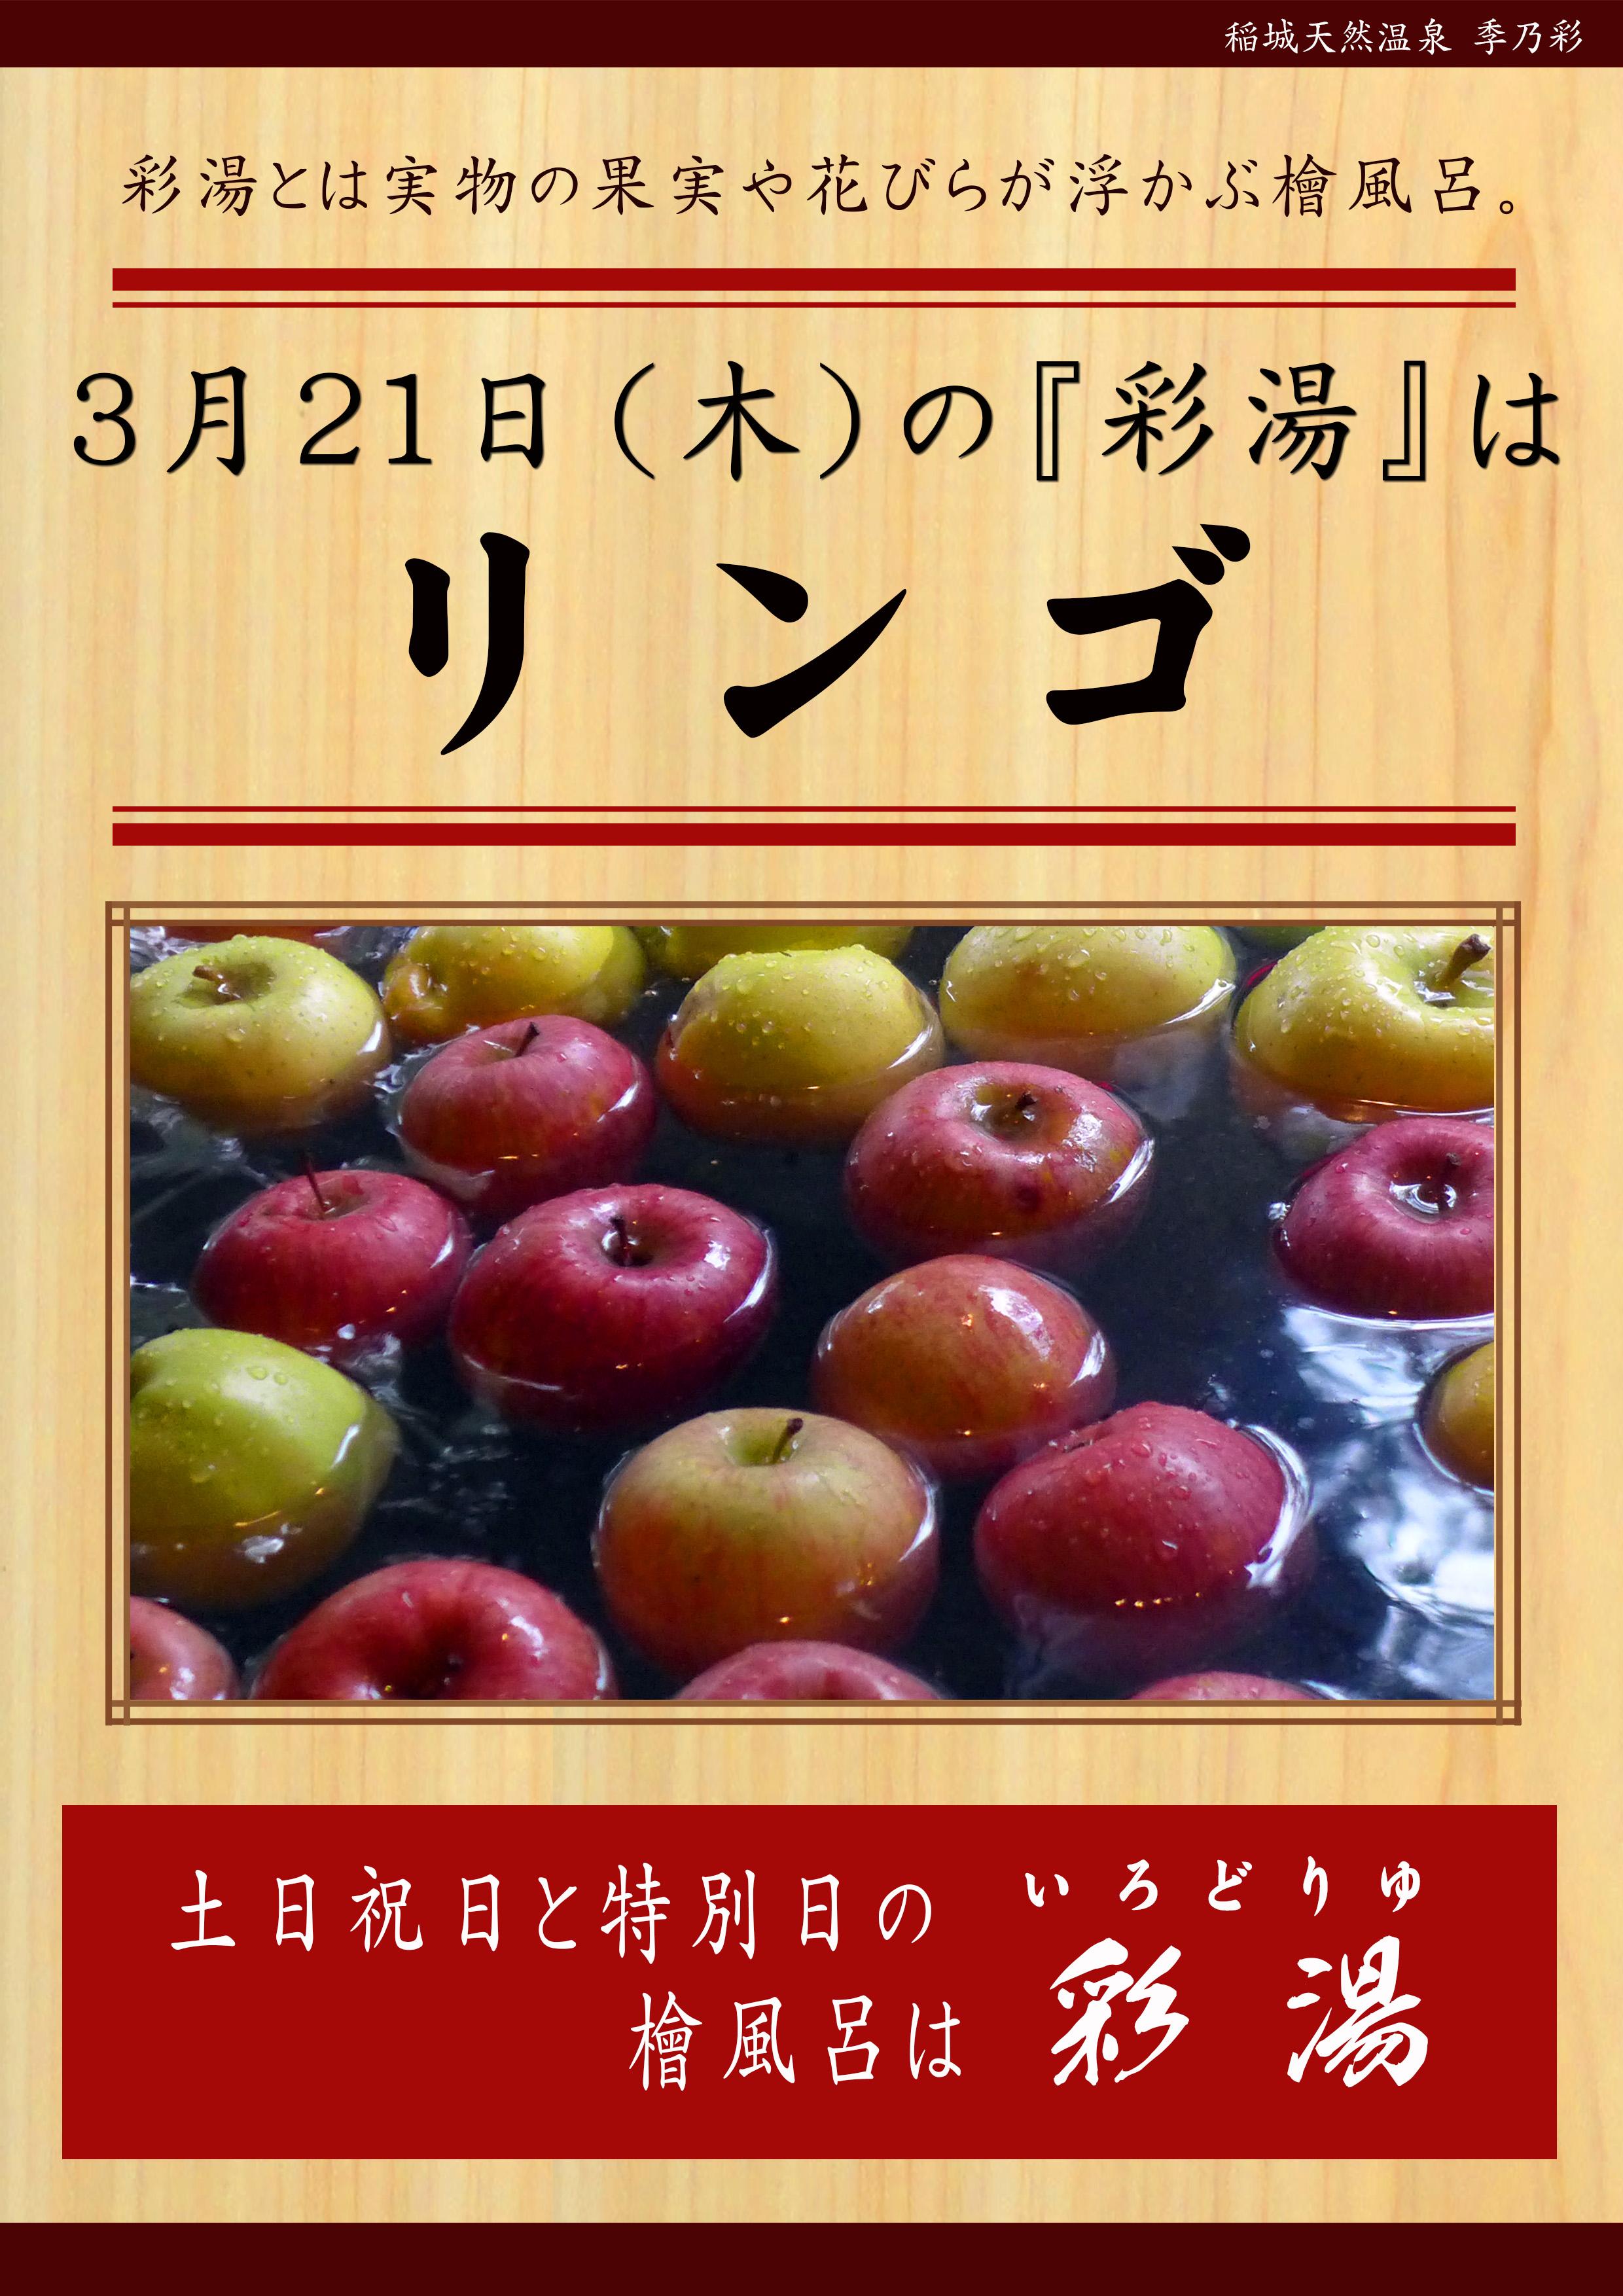 20190321POP イベント 彩湯 リンゴ